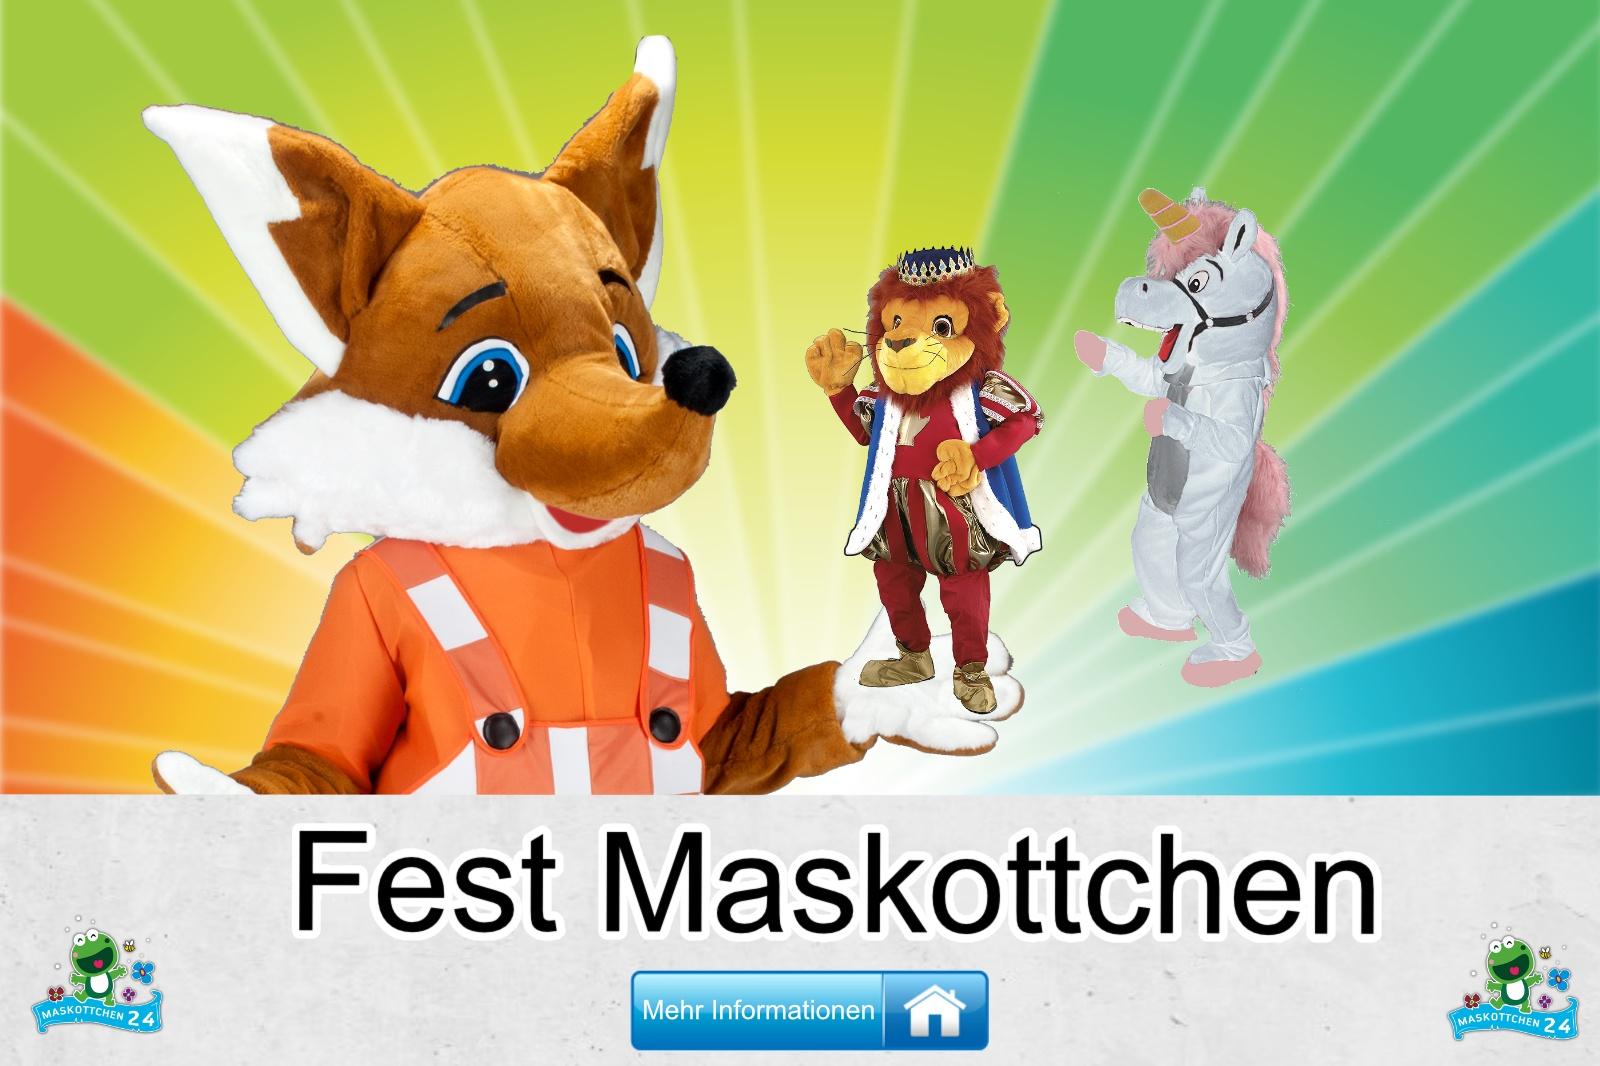 Das Fest Maskottchen Kostüm kaufen, günstige Produktion und Herstellung.